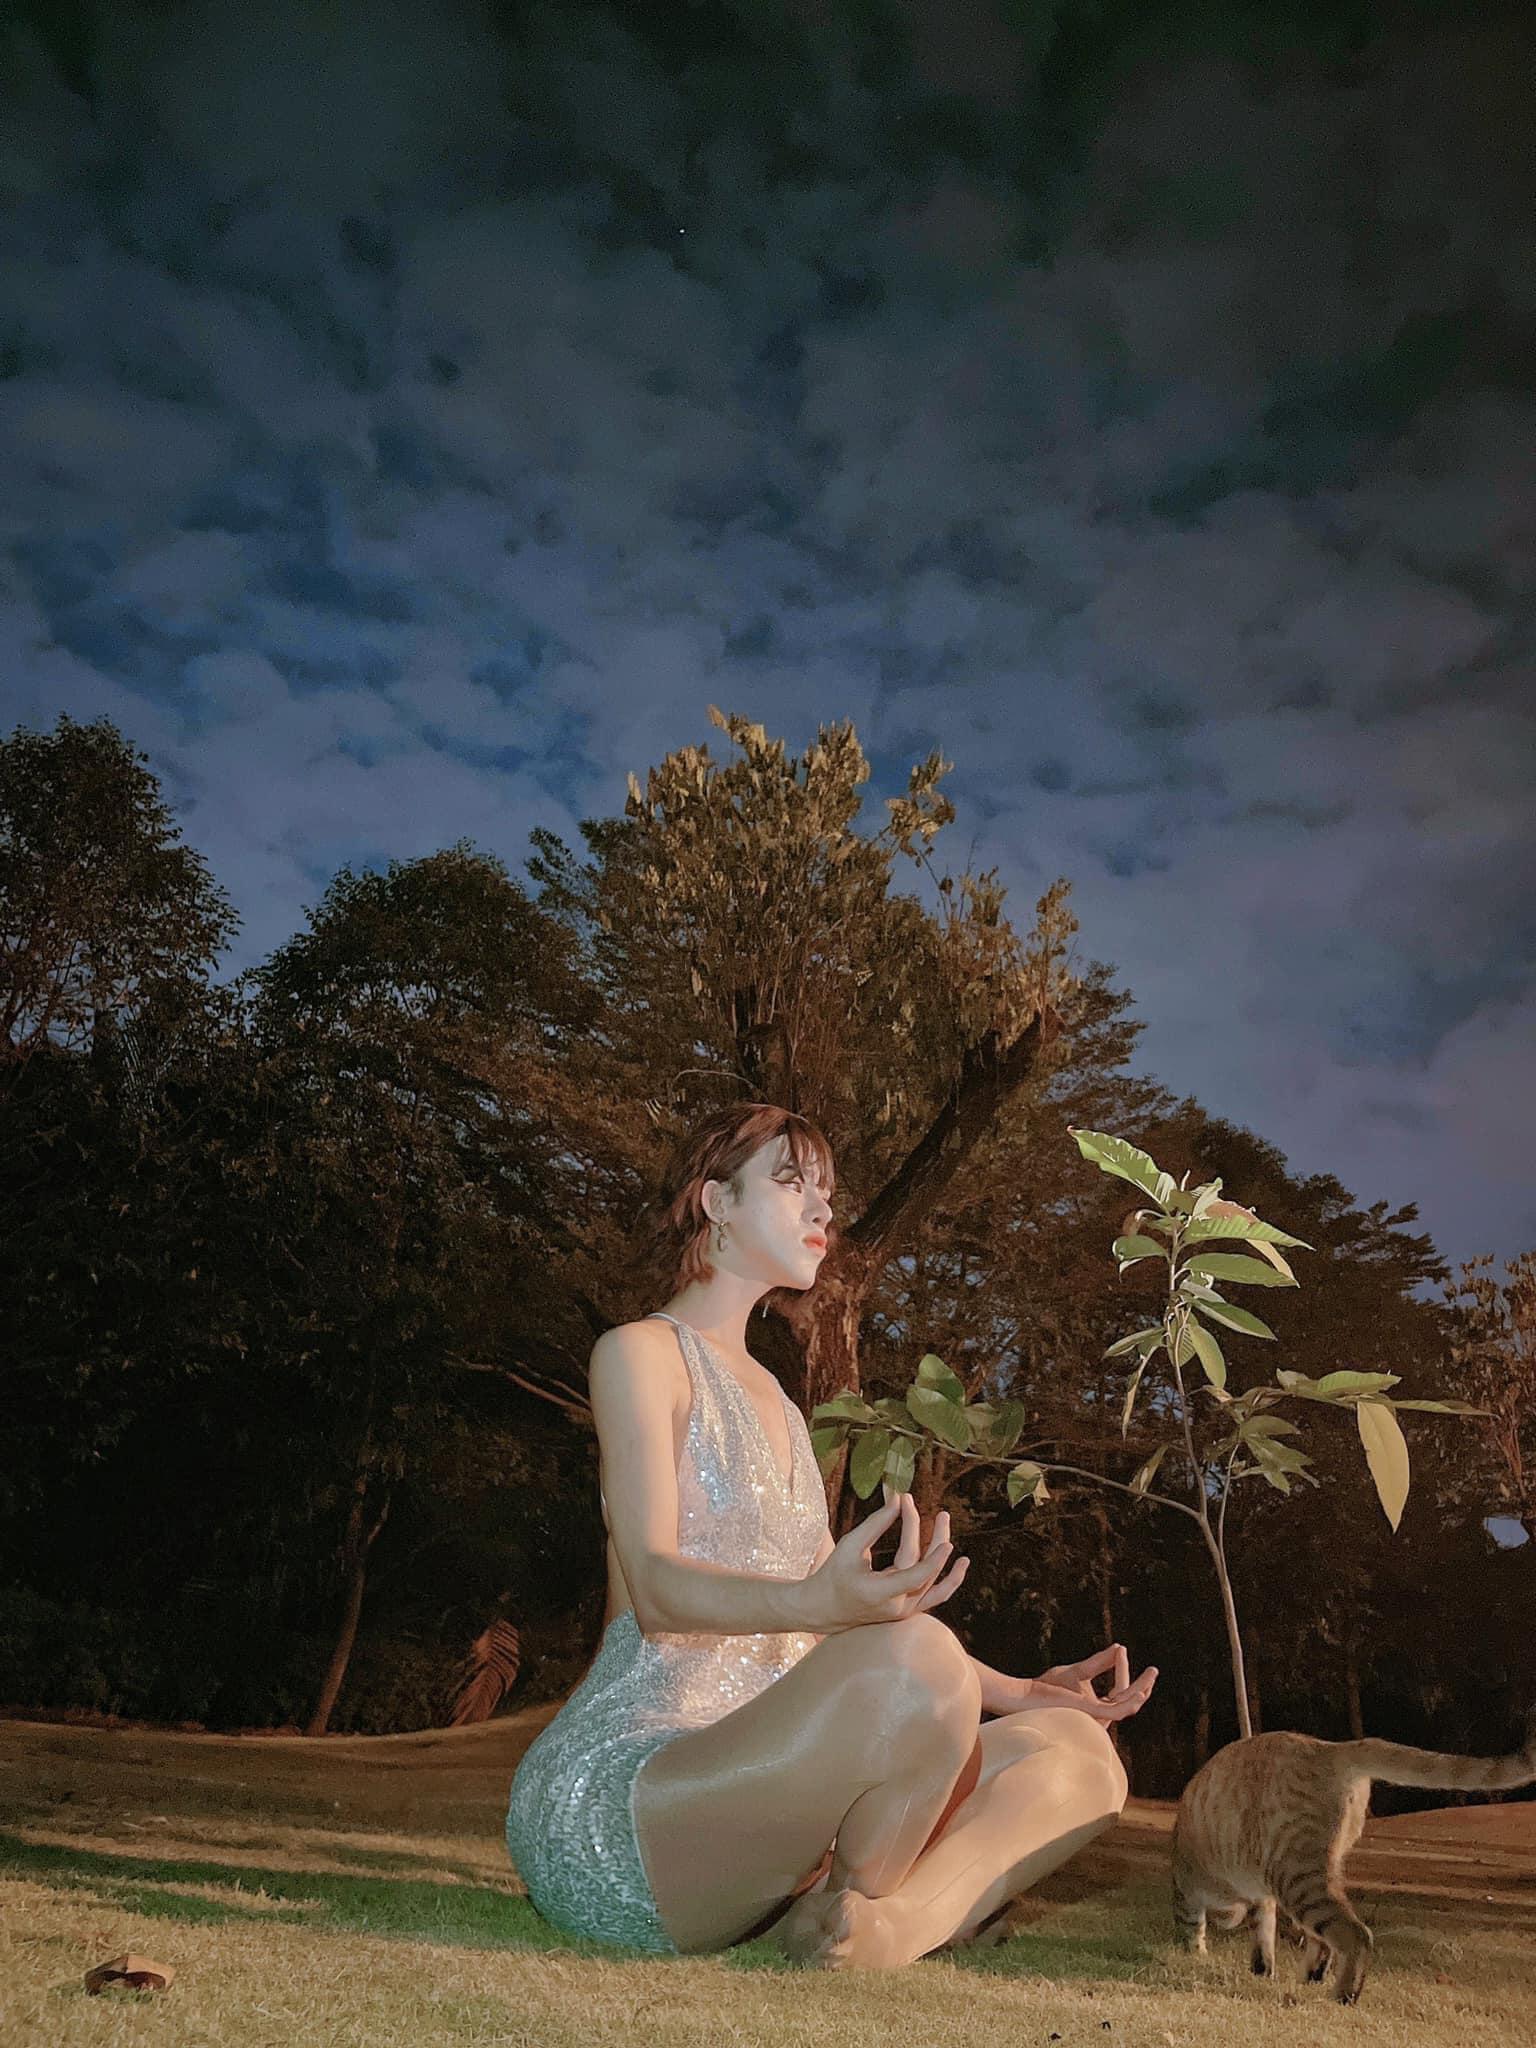 Trần Đức Bo náo loạn MXH lúc nửa đêm với bộ ảnh theo phong cách tiên nữ leo cây